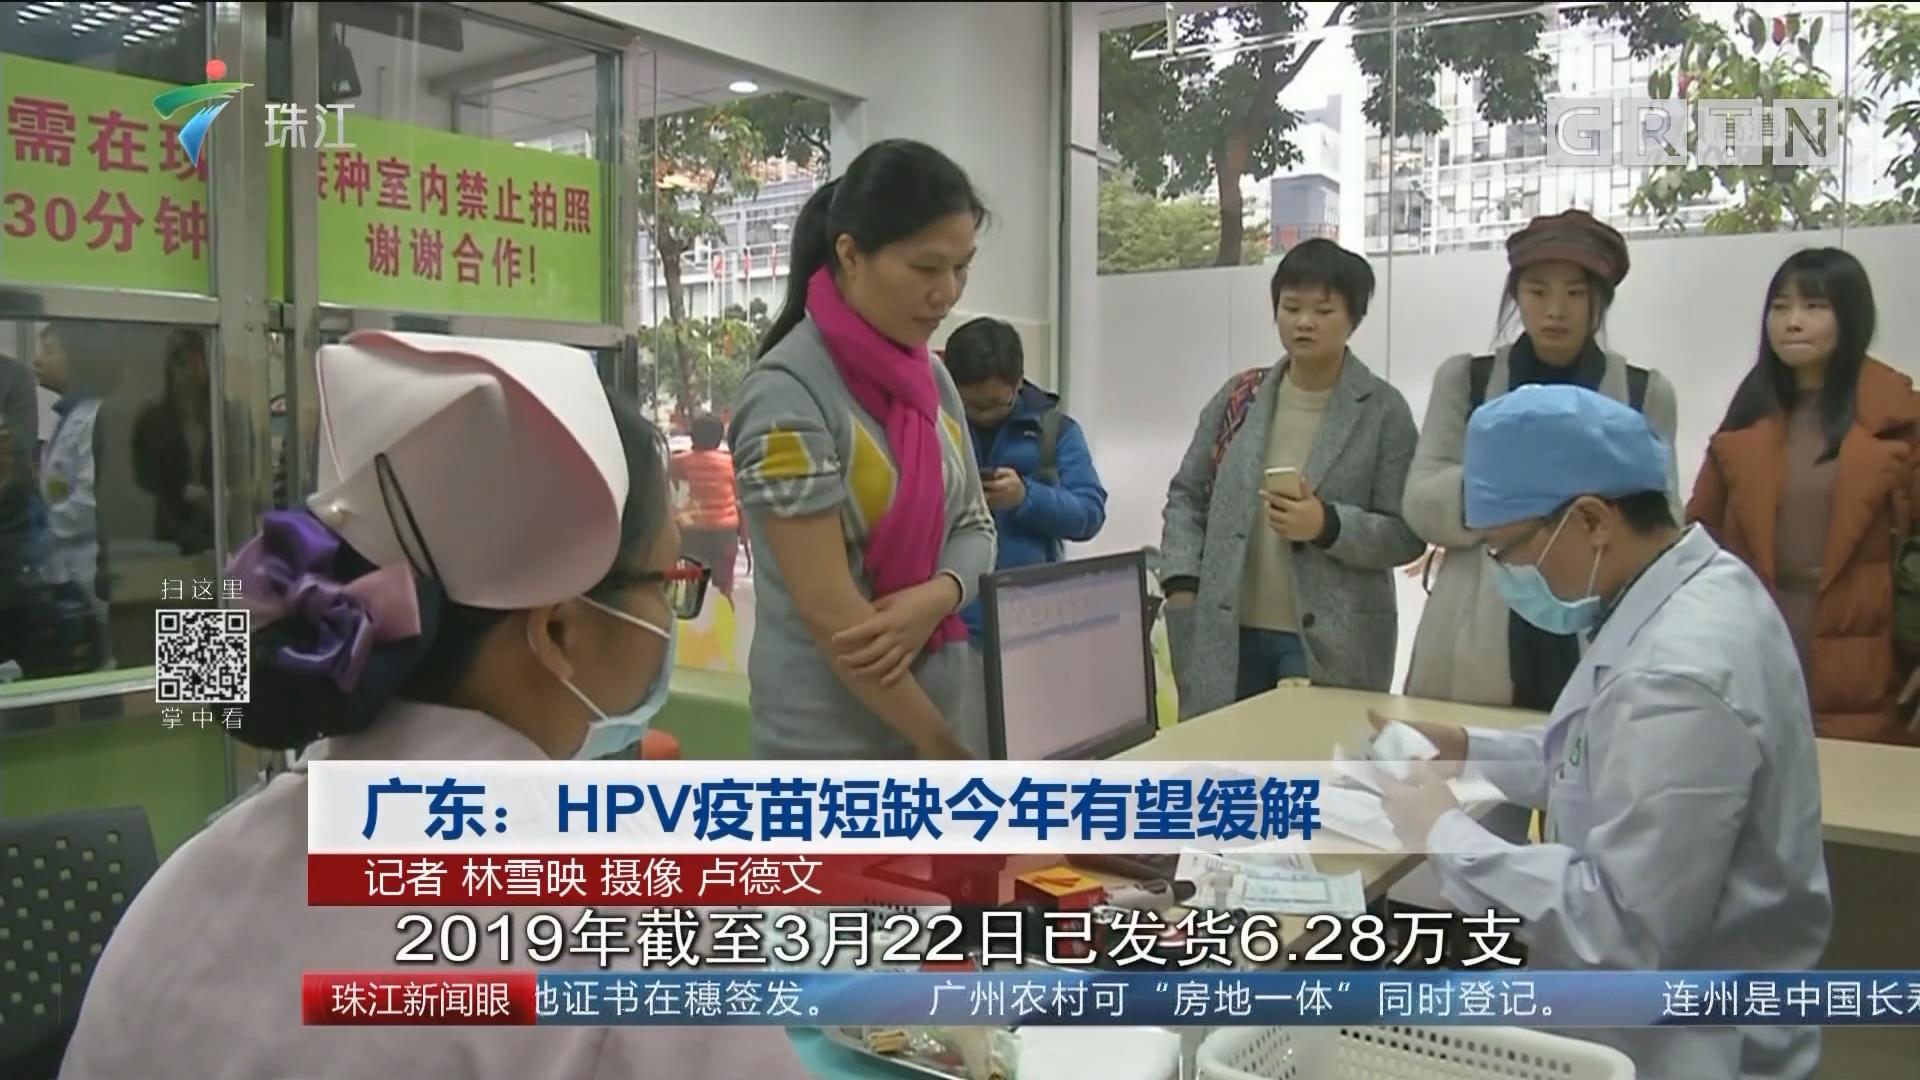 广东:HPV疫苗短缺今年有望缓解